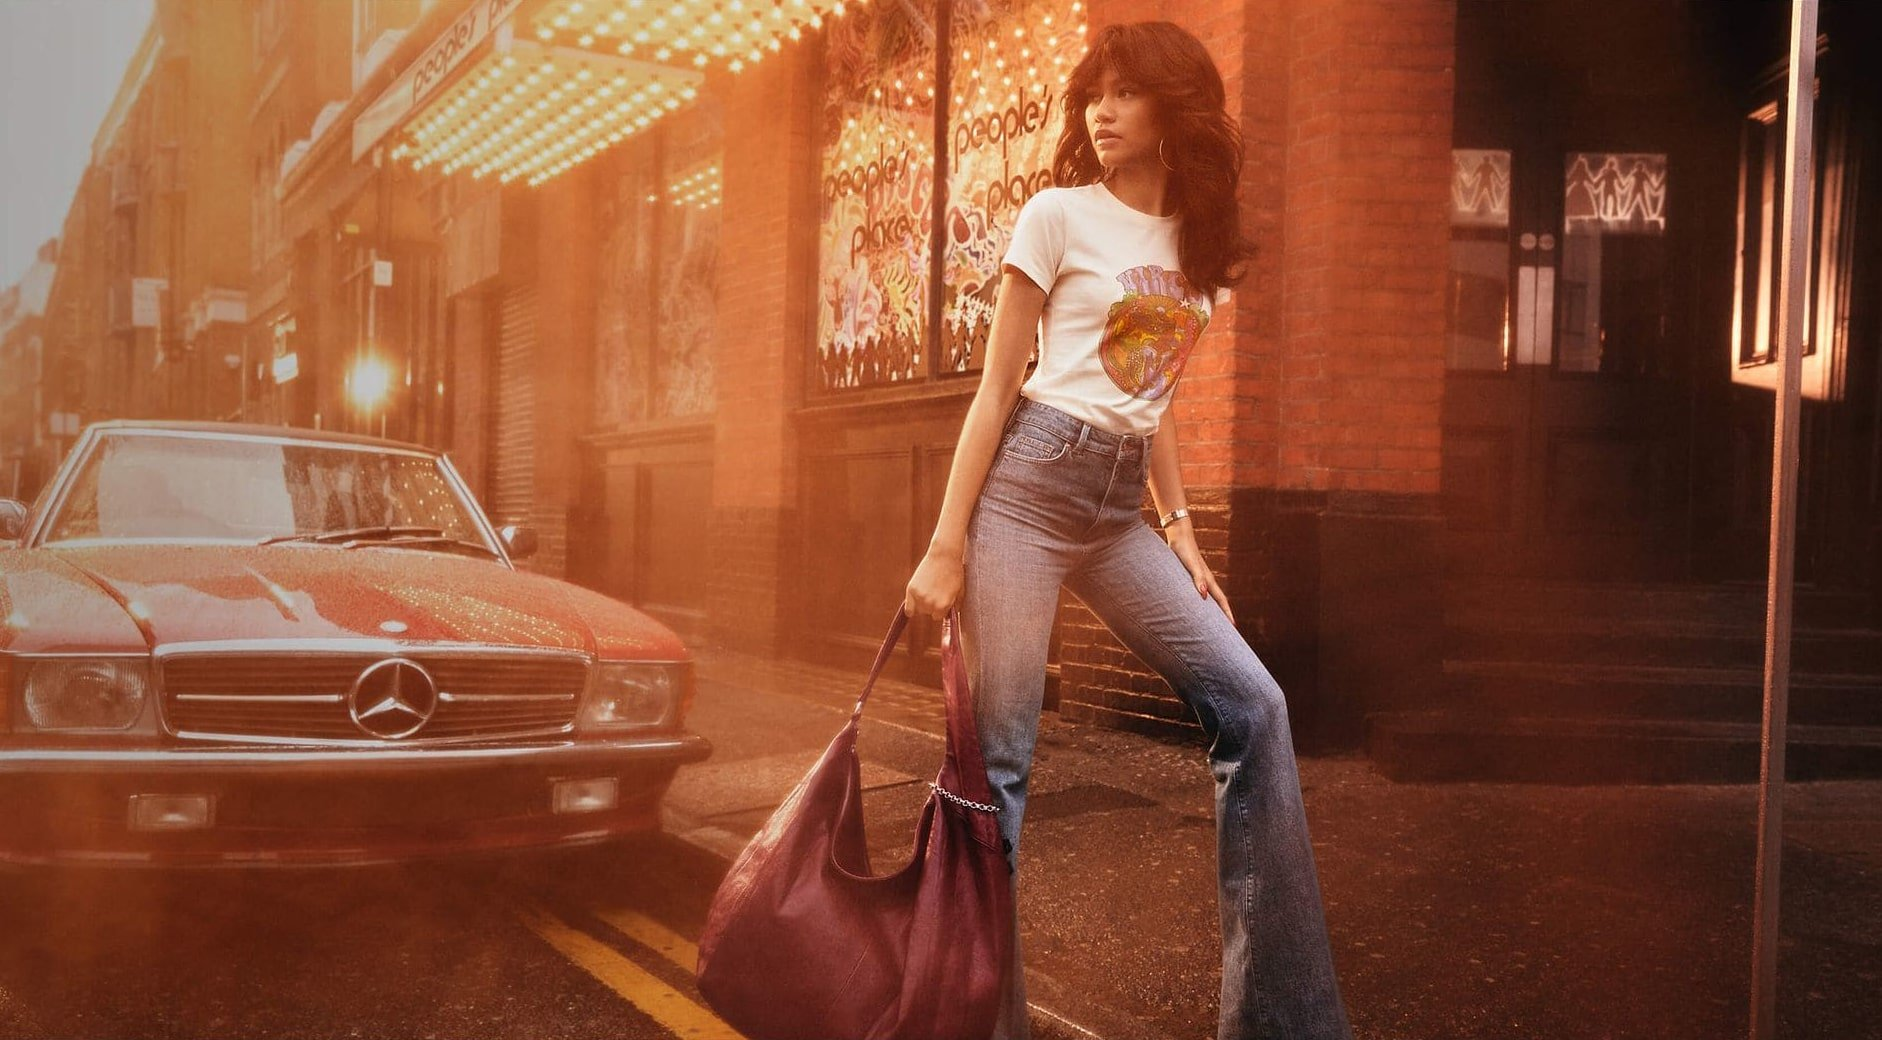 Kolekcja Tommy Hilfiger X Zendaya została inspirowana stylem z lat 70.